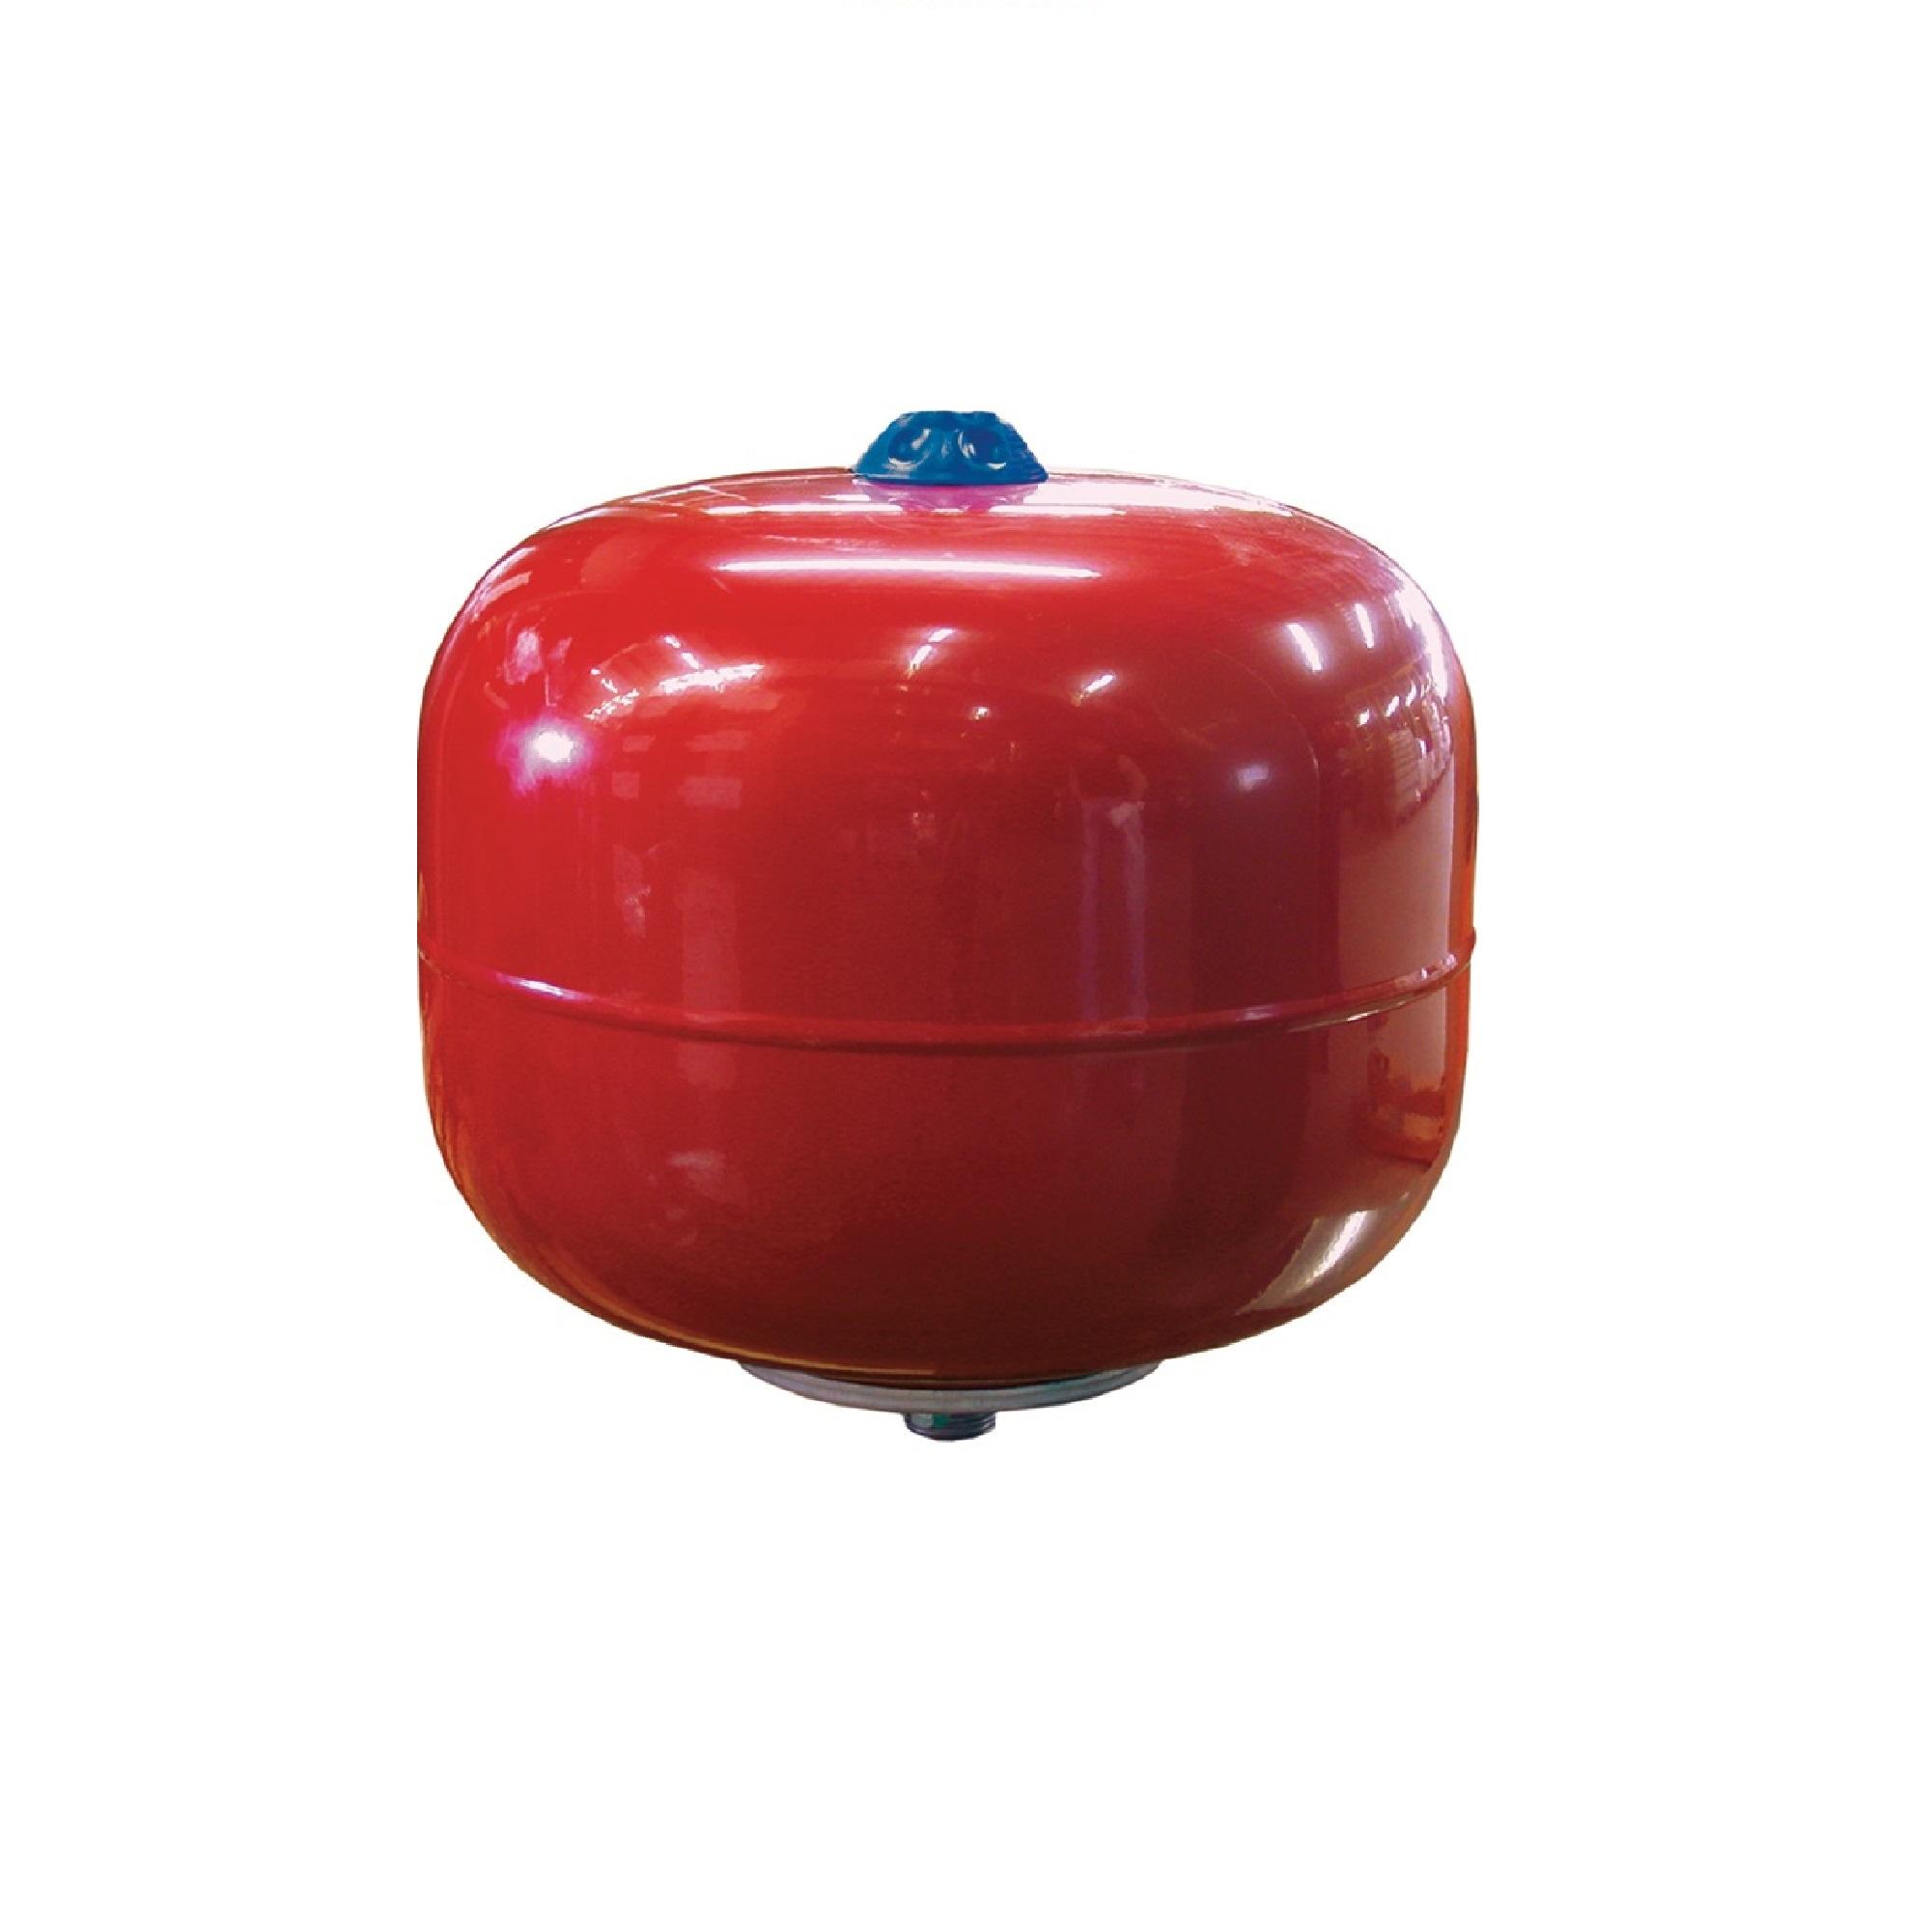 Idrosfera vaso di espansione per autoclave 24 l varem for Vasi espansione varem